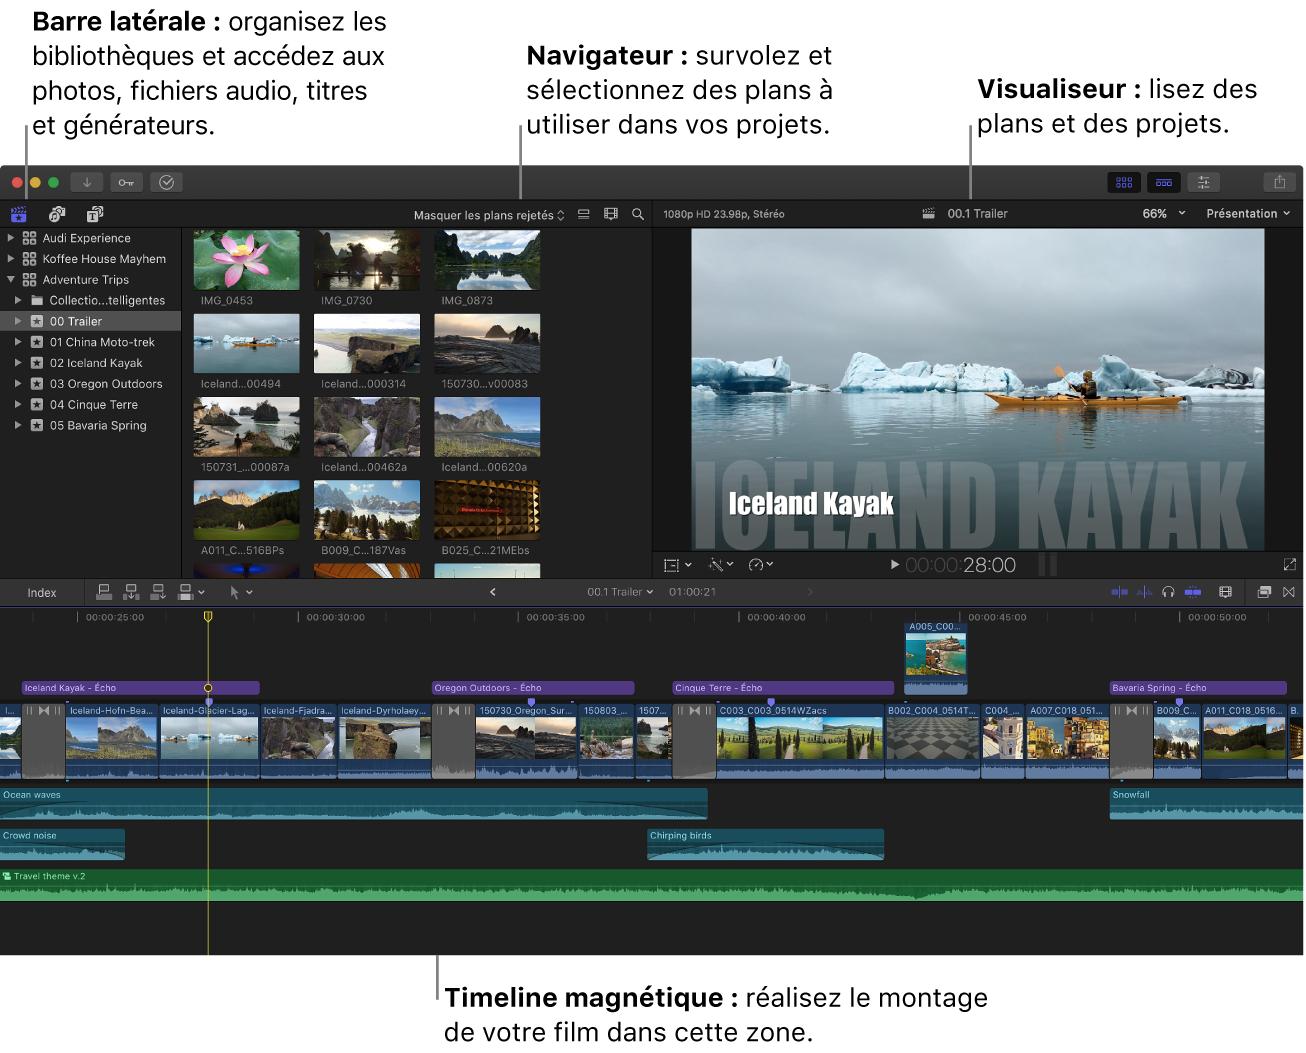 Fenêtre de FinalCutPro affichant la barre latérale Bibliothèques, le navigateur, le visualiseur et la timeline